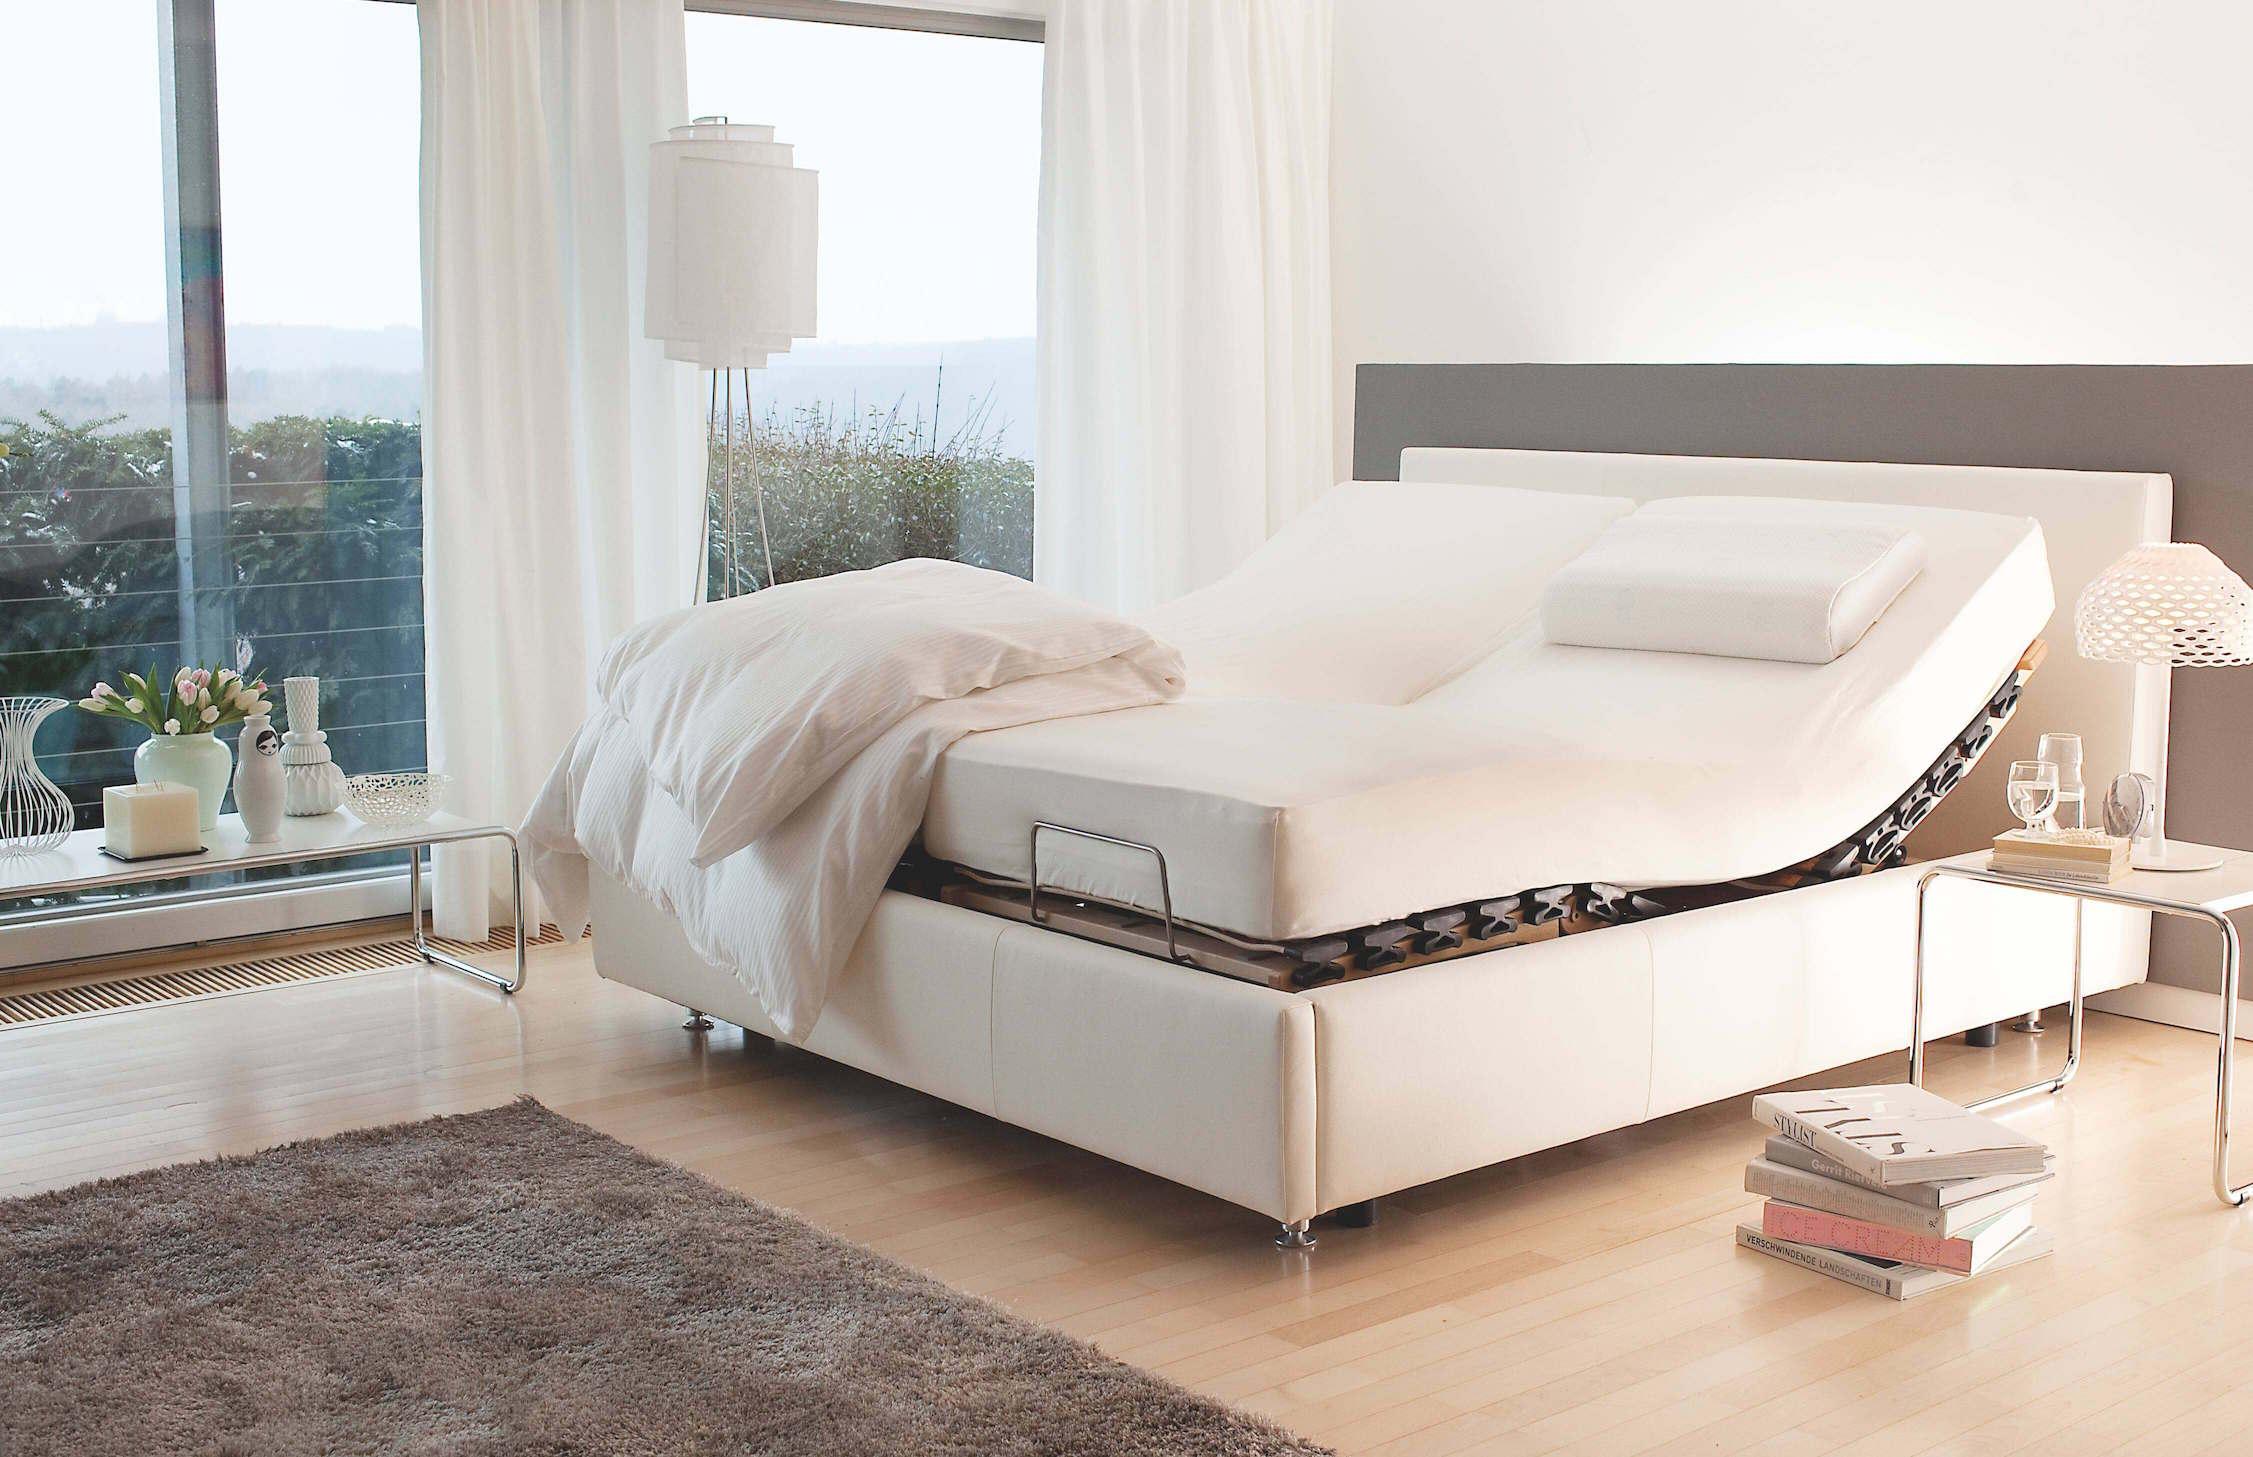 betten b hren aus m nchen bettw sche matratzen lattenroste. Black Bedroom Furniture Sets. Home Design Ideas